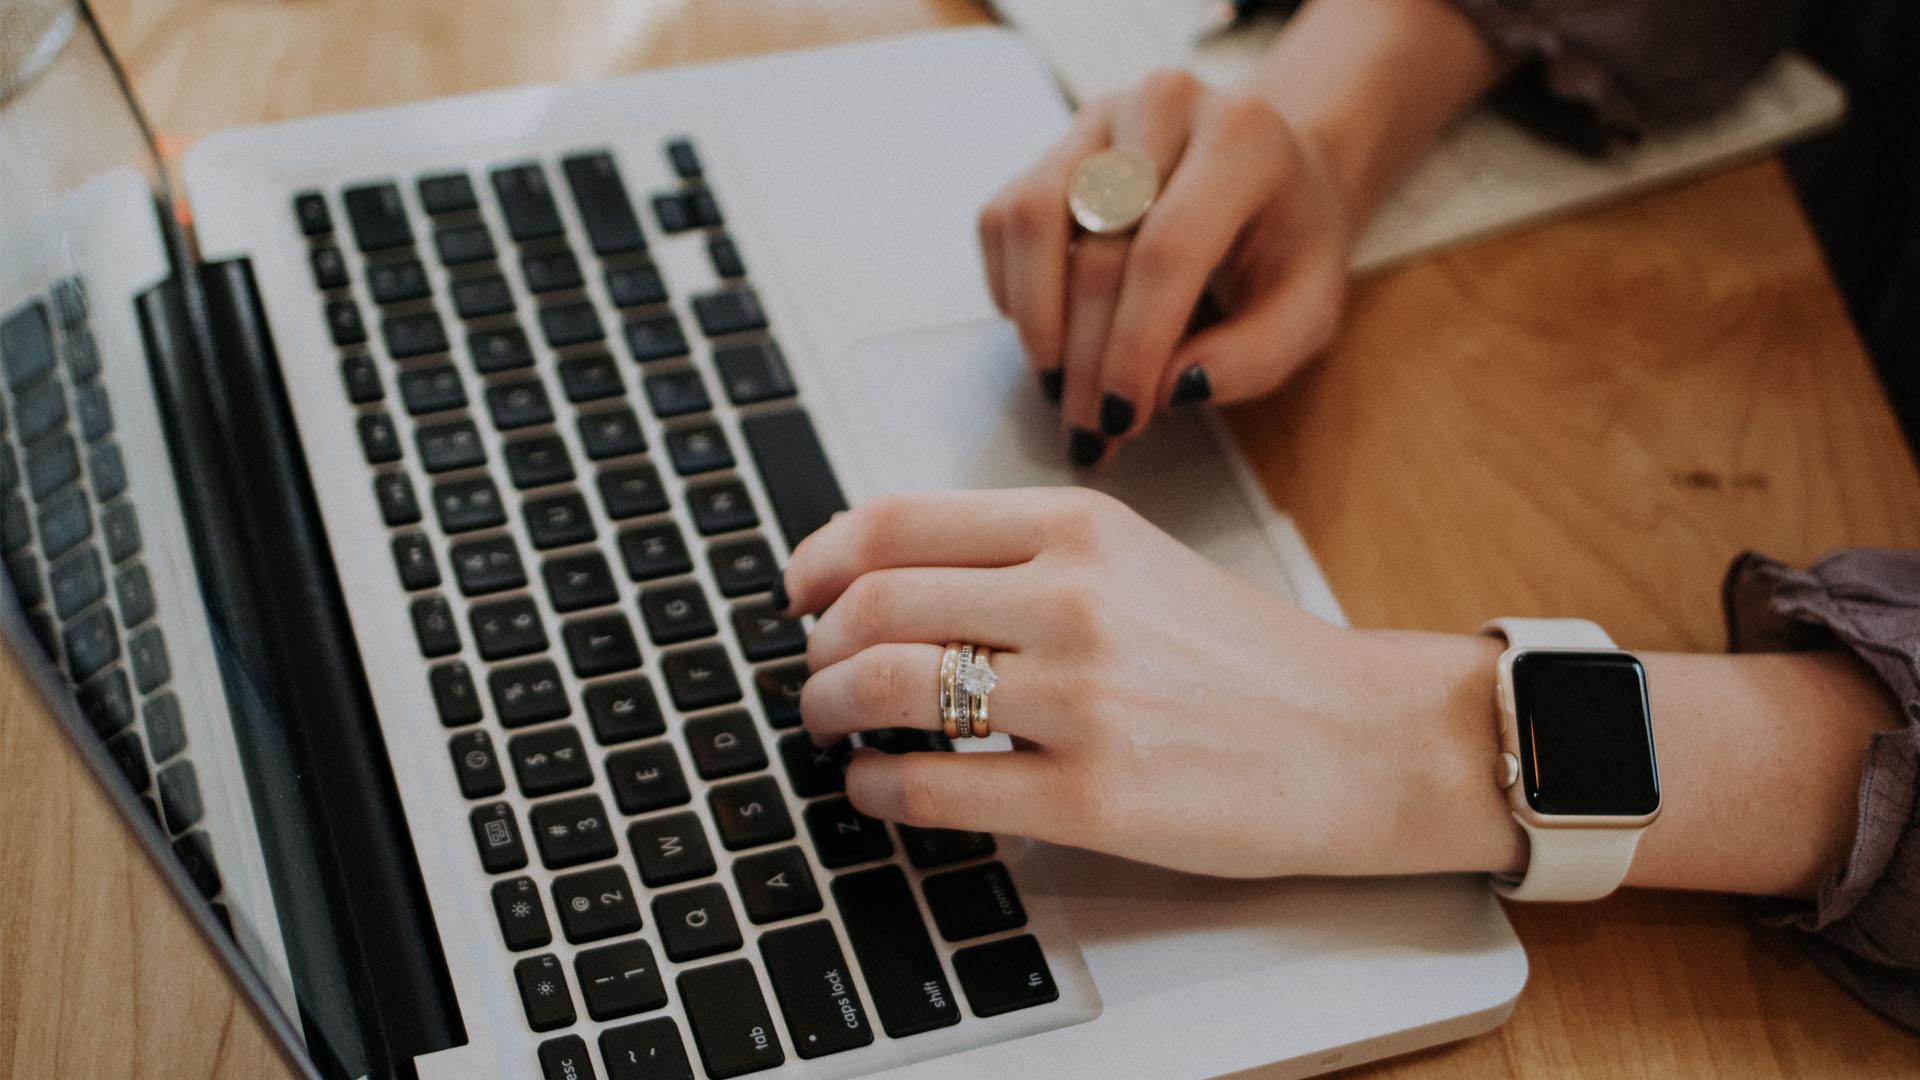 Czego kobiety szukają w Sieci?